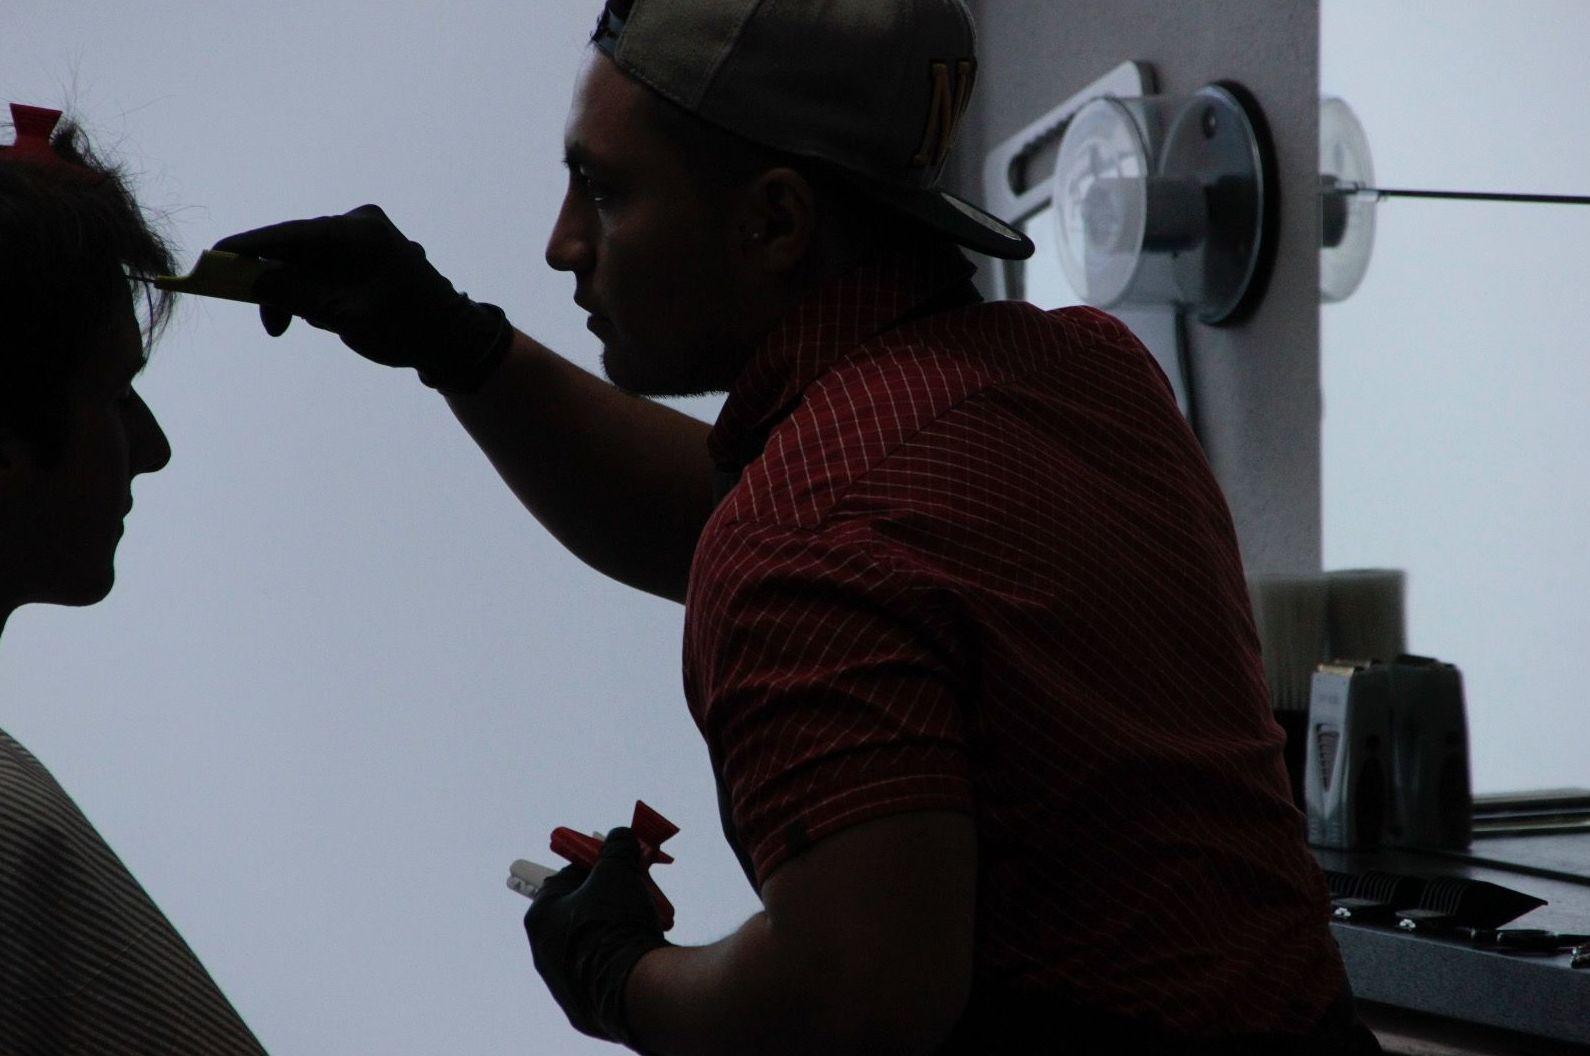 Foto 10 de Peluquería de hombre en Segovia | Scrawler Barber Shop